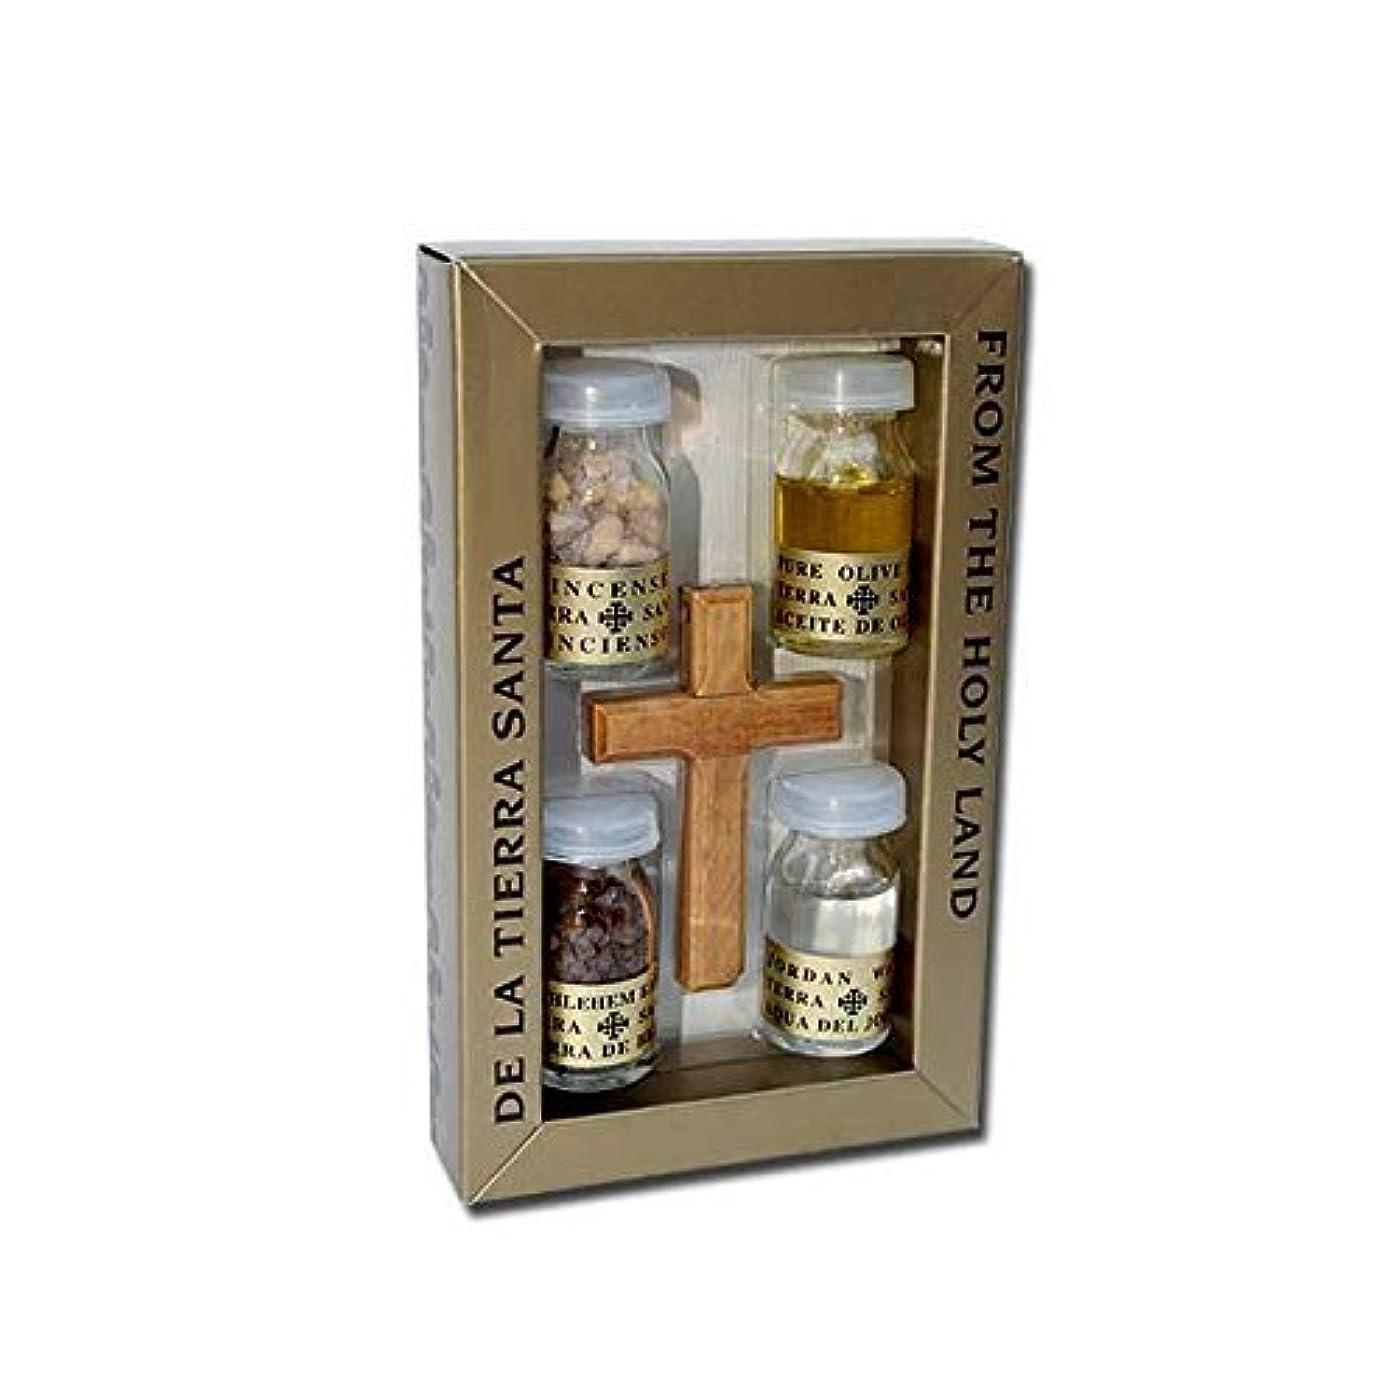 パーク送るファームオリーブウッドクロスセットwith 4 Bottles – オイル、水、Incense & Earth – Prayerカードby HolyRoses